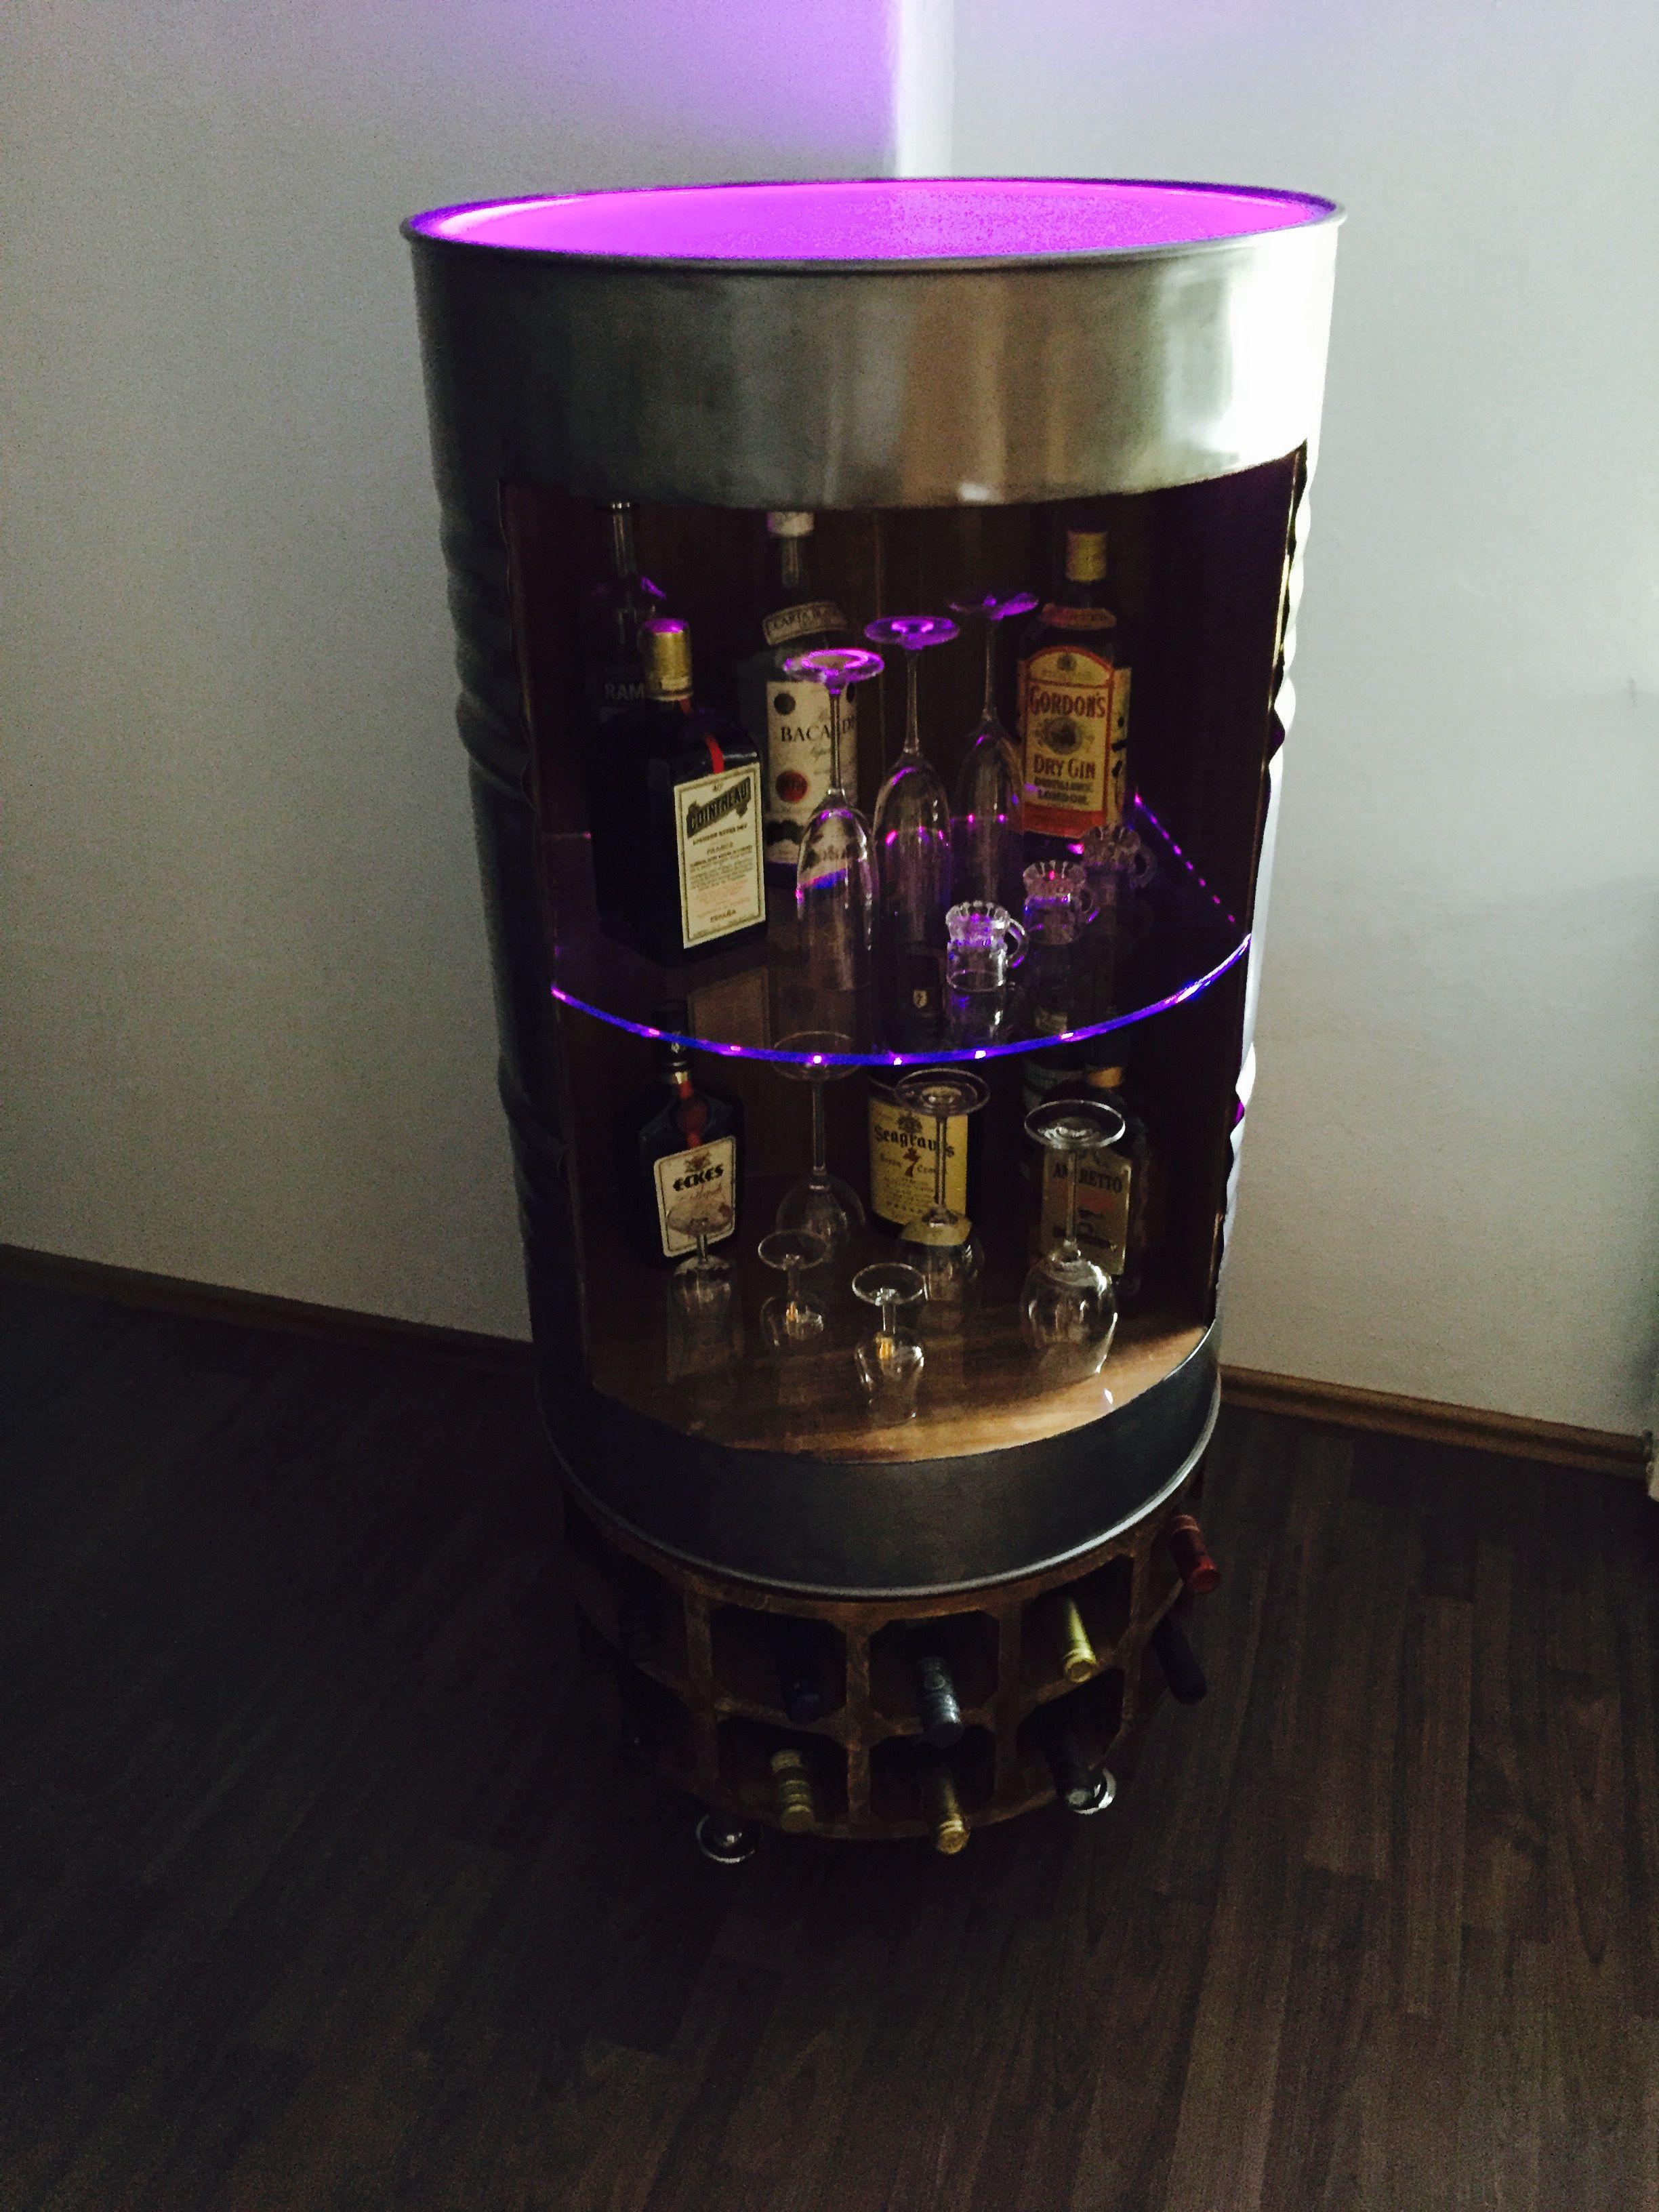 Einzigartige Bar Liquor Cabinet Selbst Gebaute Aus Einem 200l Stahlfass Beleuchtet Durch Ein